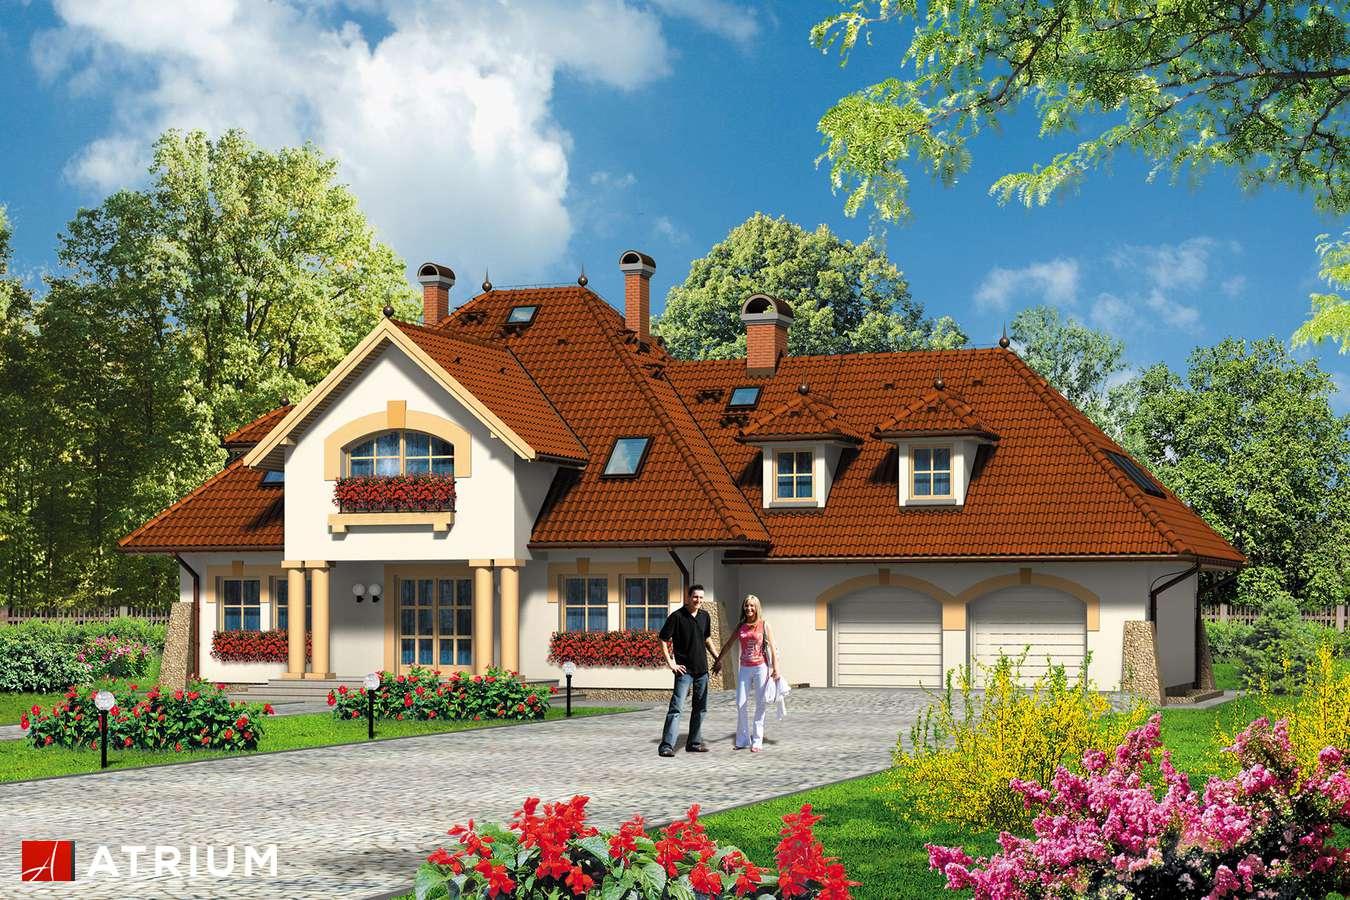 Projekty domów - Projekt domu z poddaszem KARMAZYN - wizualizacja 1 - wersja lustrzana